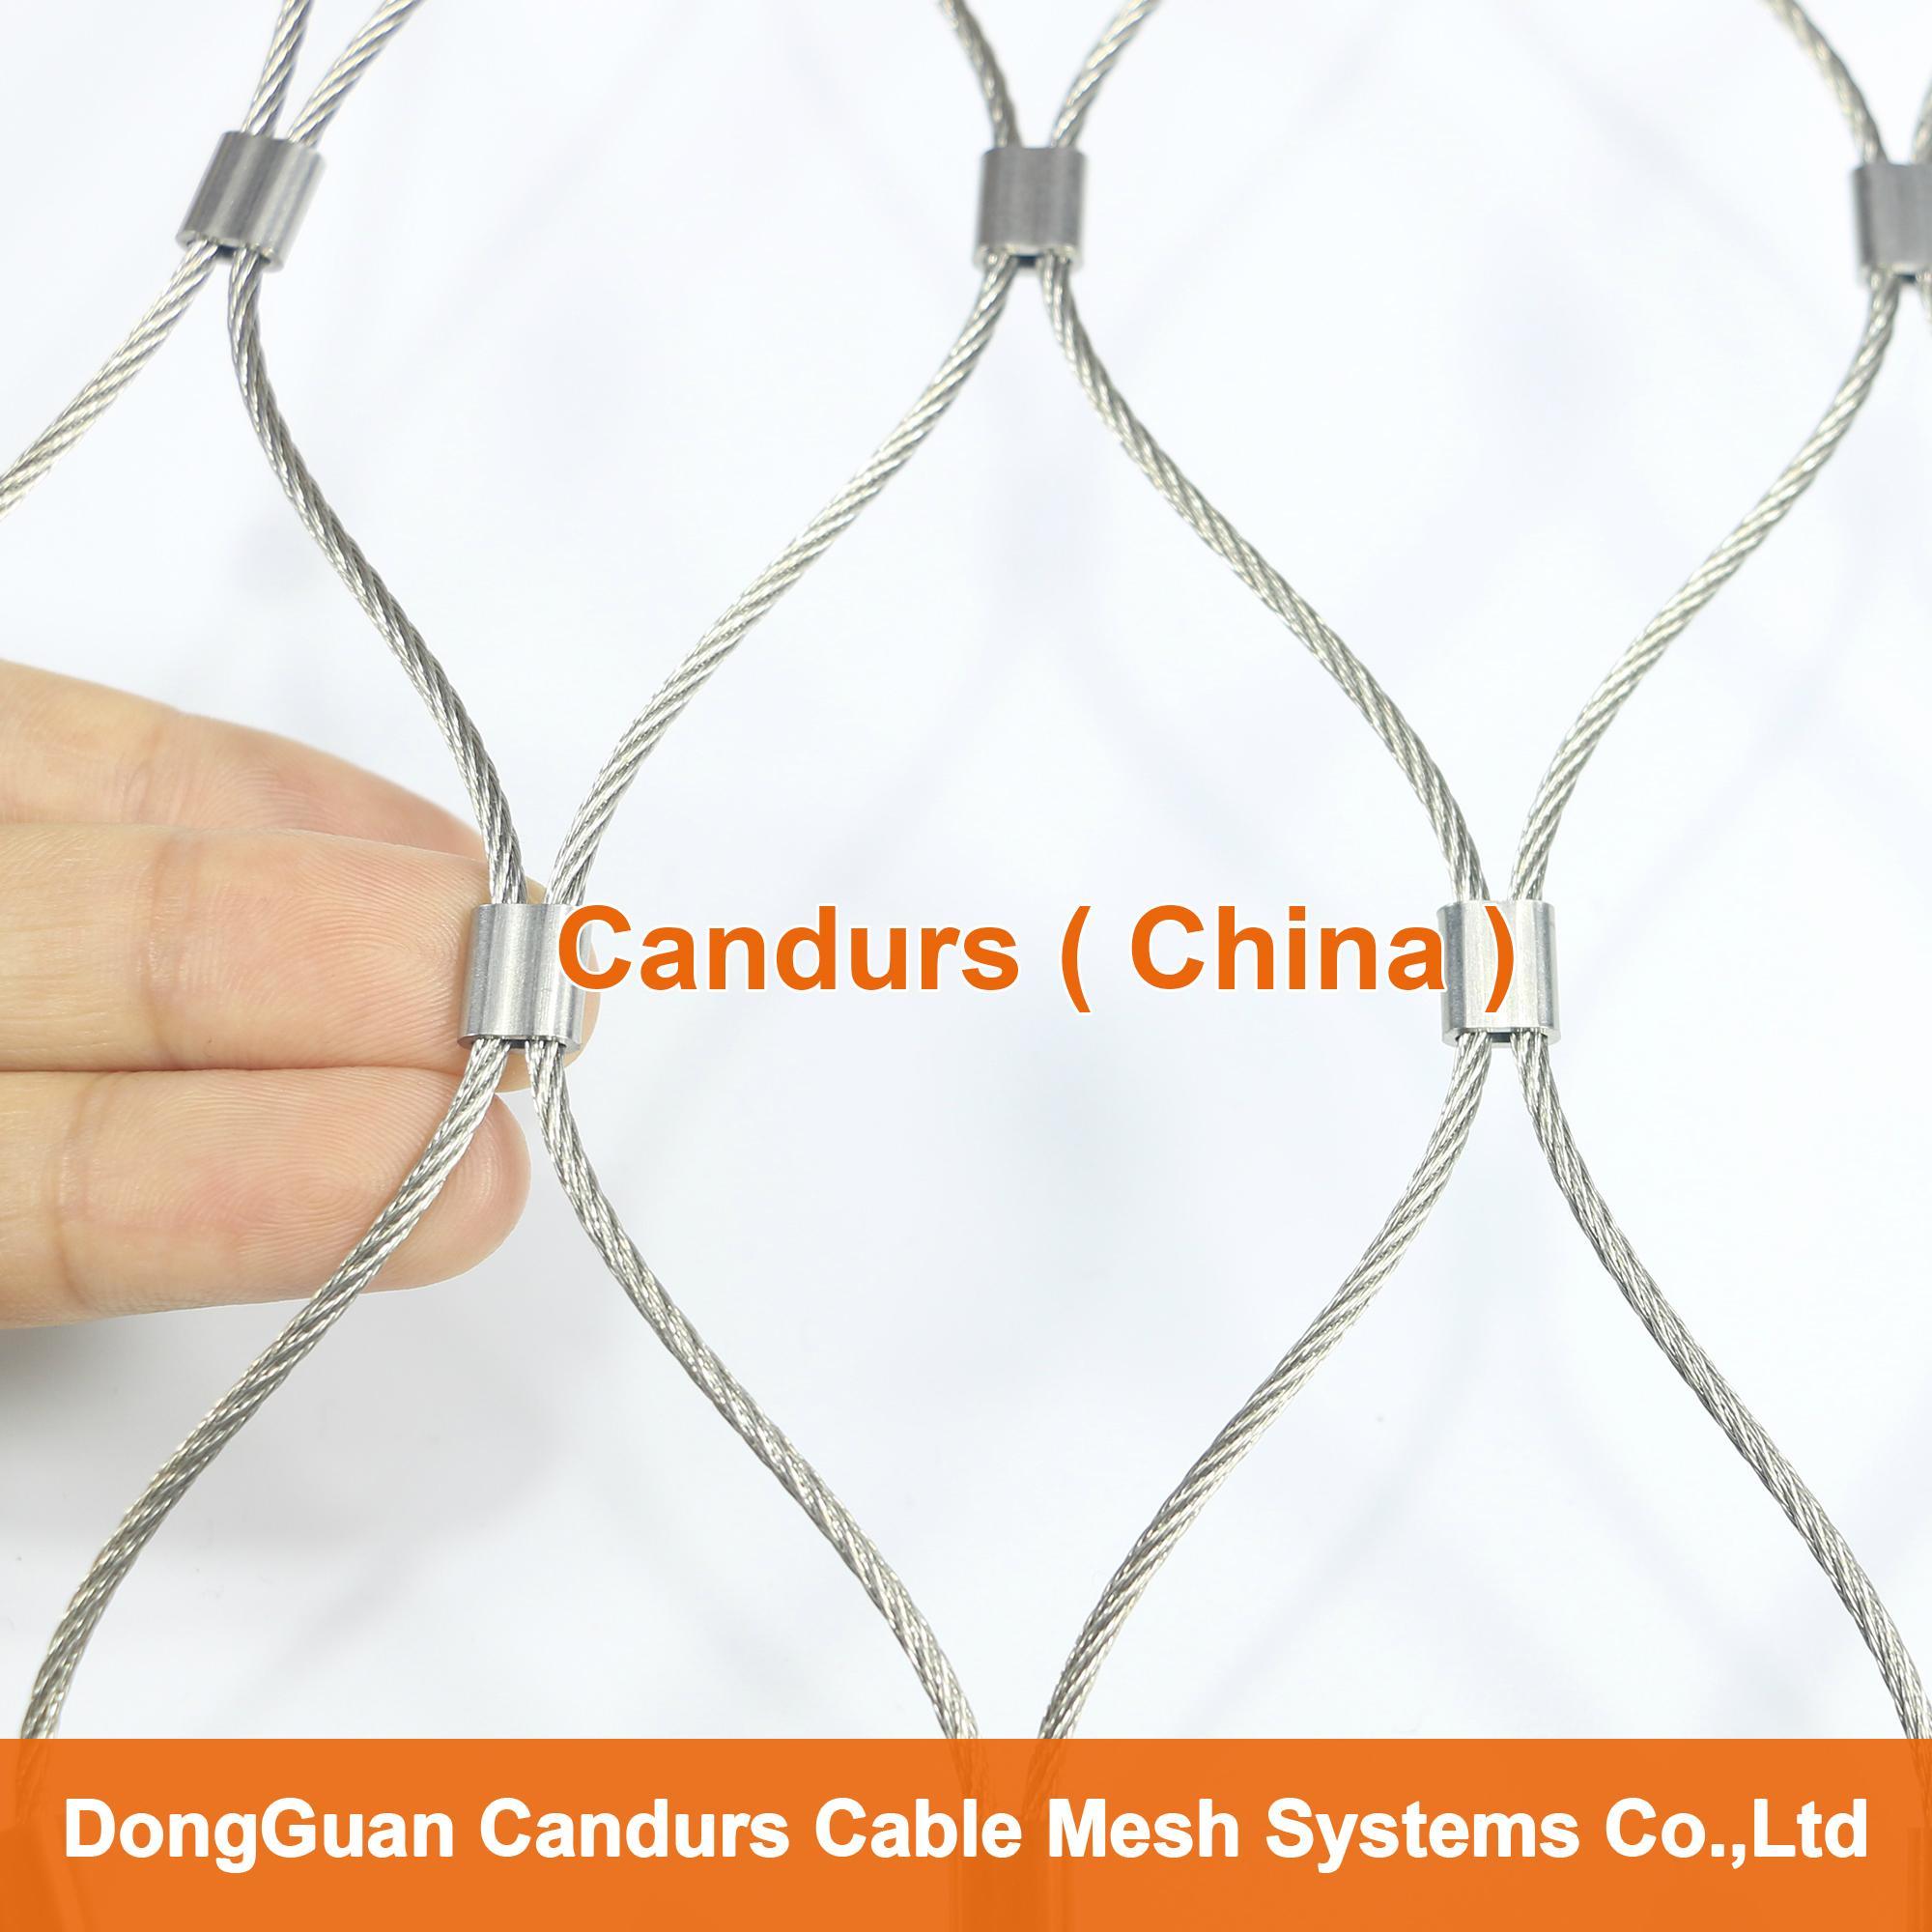 新型不鏽鋼絲繩夾扣網 1